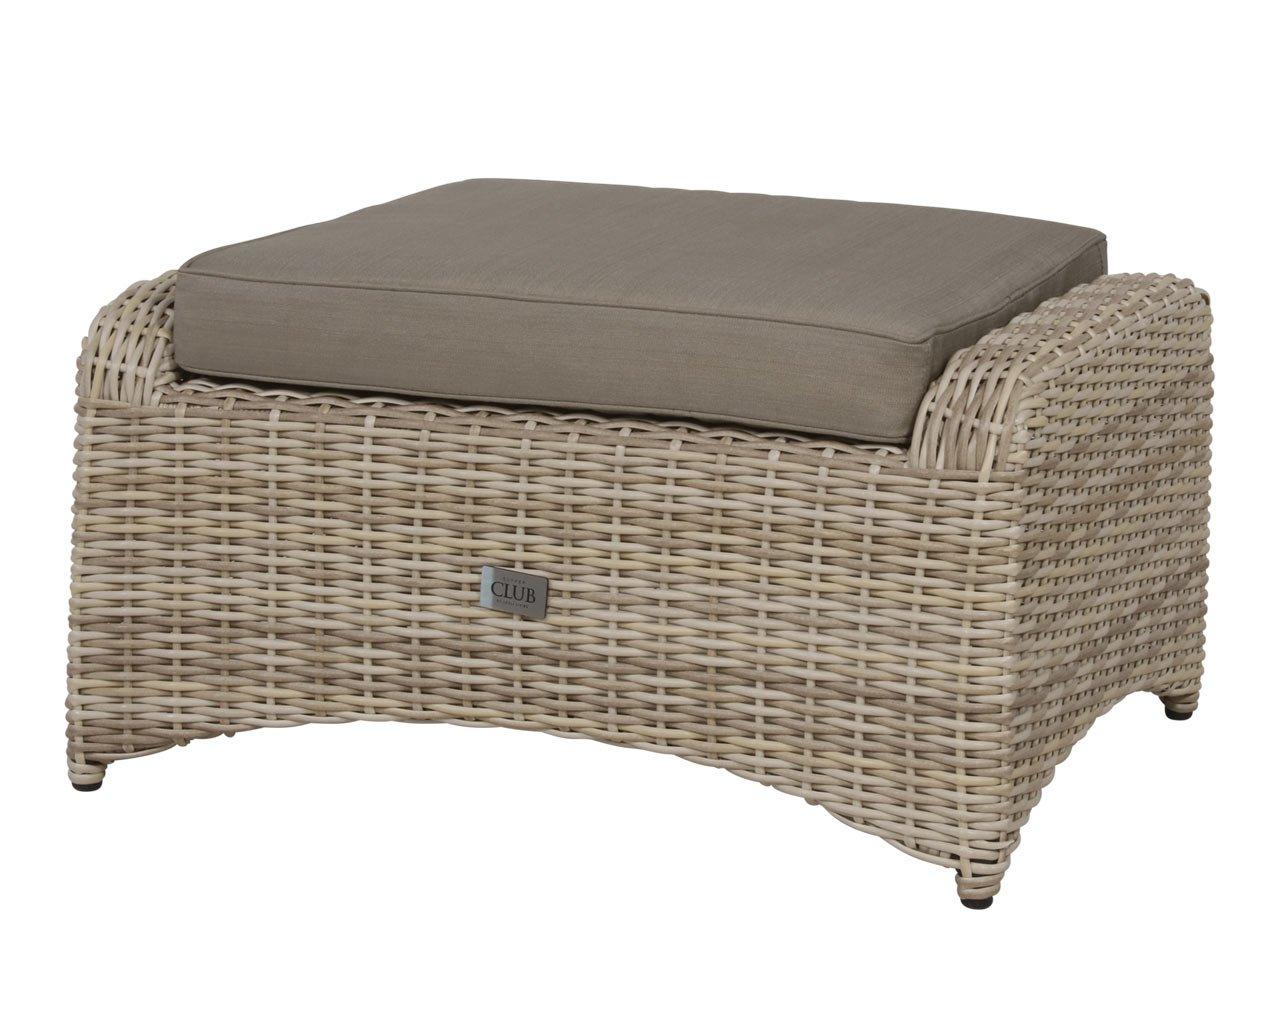 lifestyle4living Hocker aus Polyrattan in beige mit Sitzkissen für Terrasse oder Garten. Variabel einsetzbar als Fußbank, Beistellhocker durch Auflagekissen.